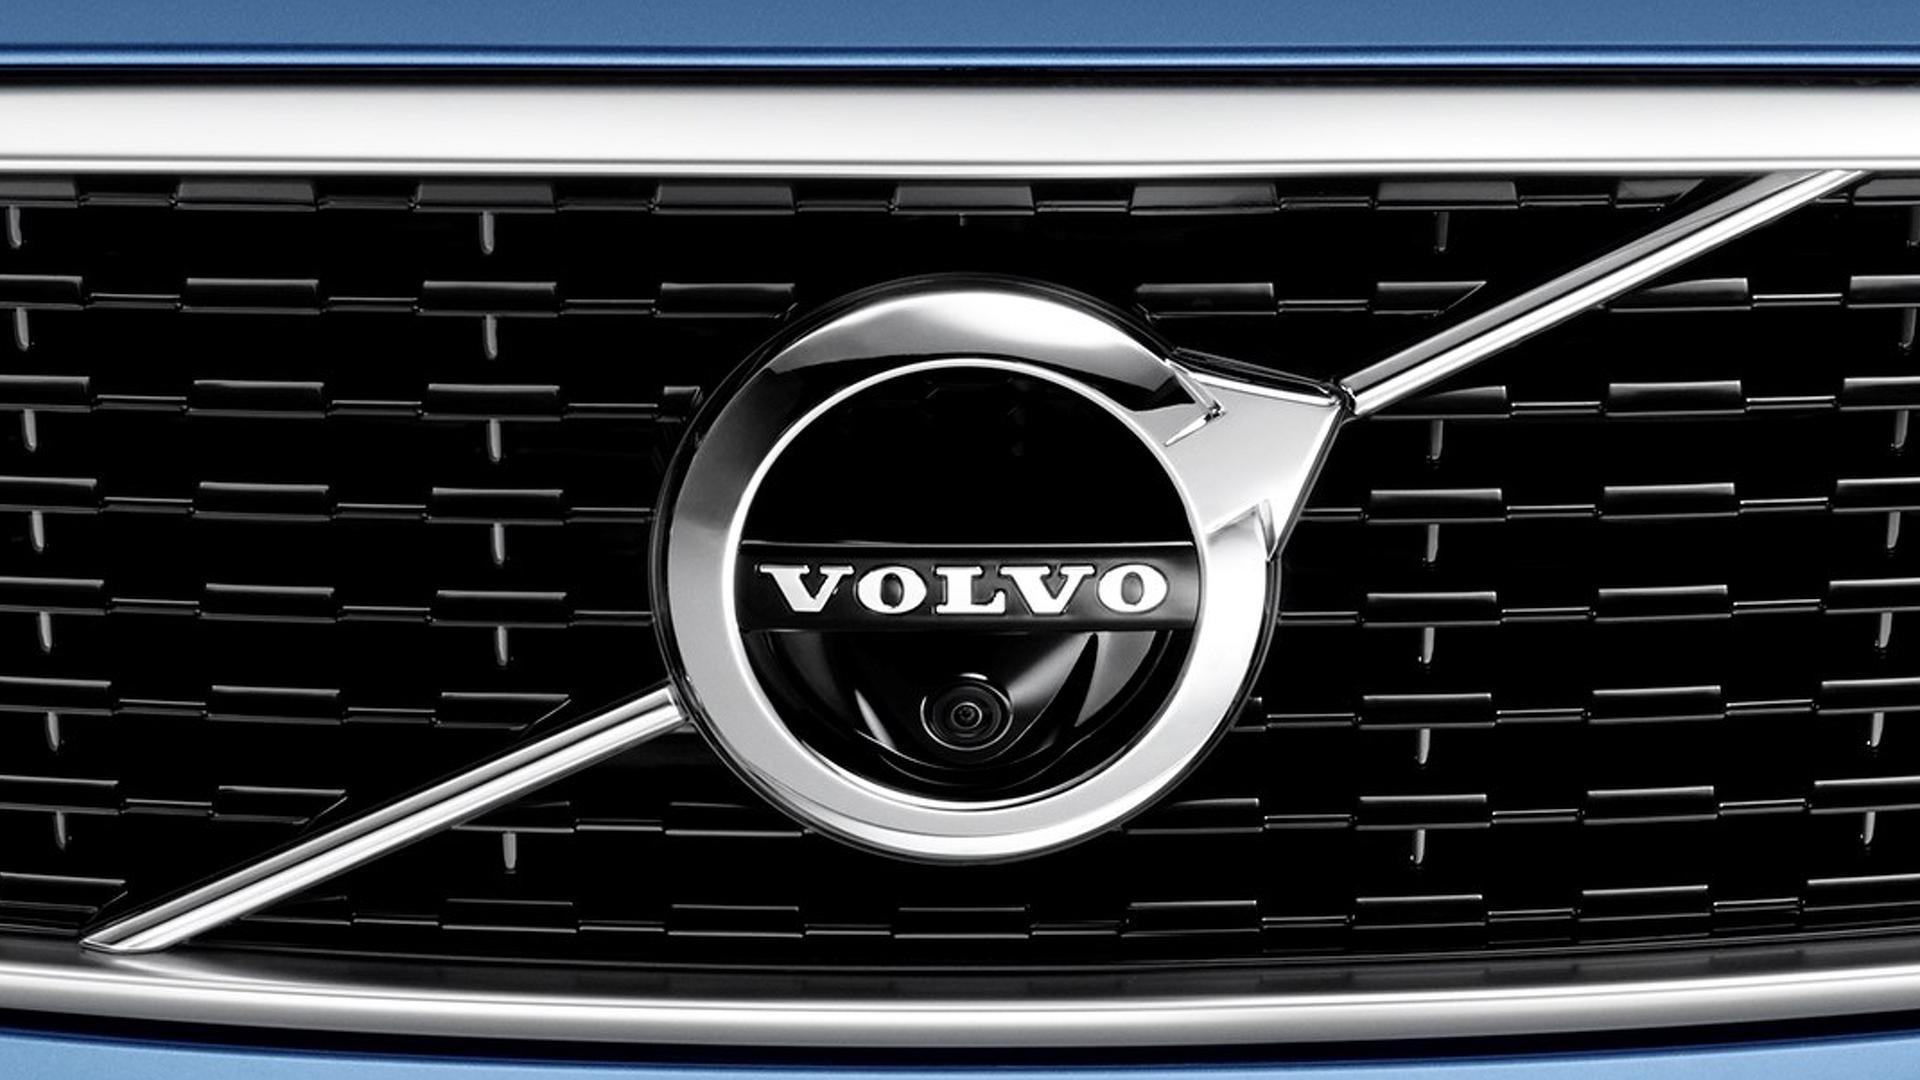 Volvo News and Reviews | Motor1 com UK